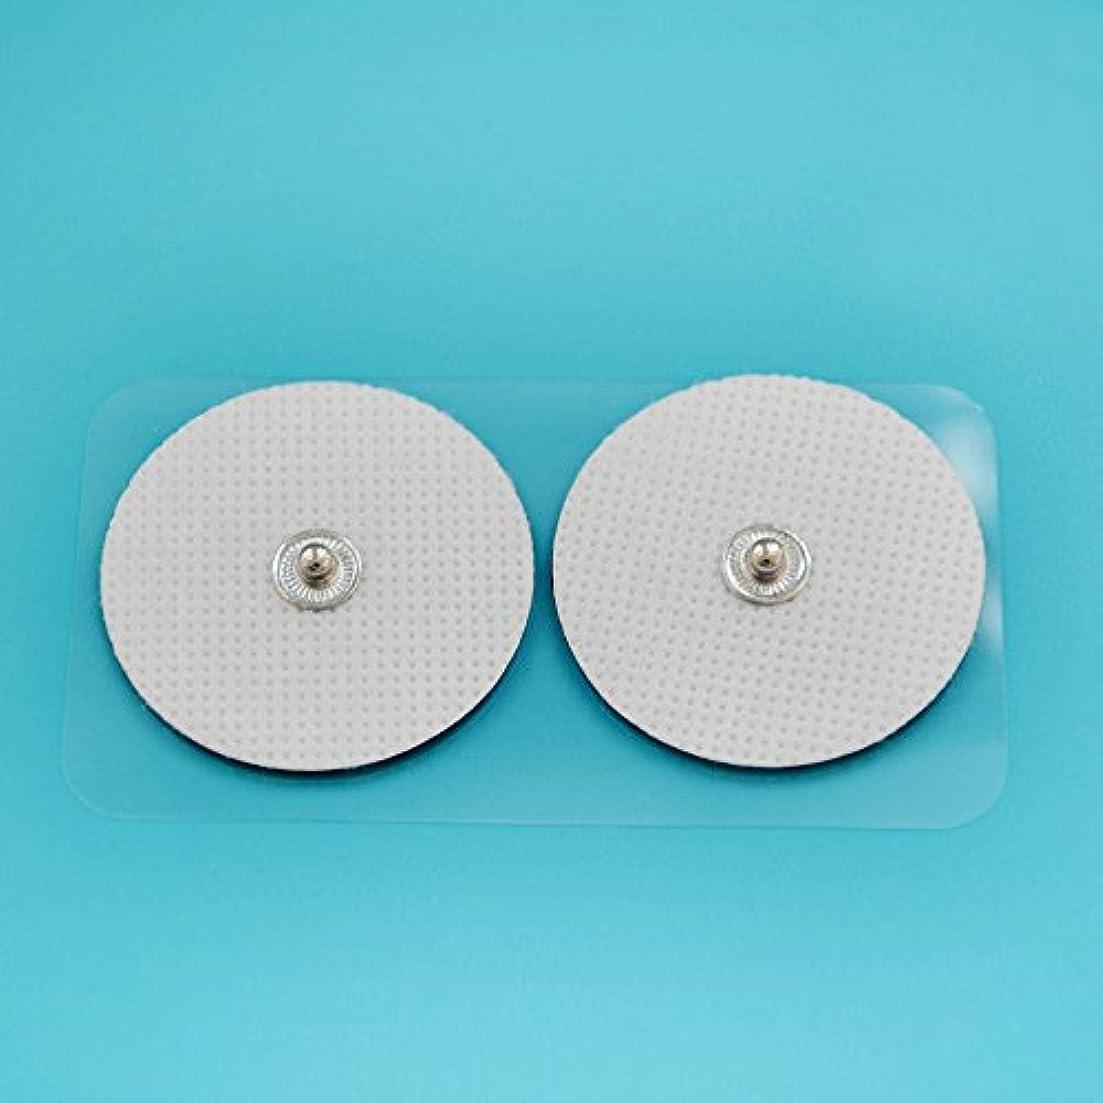 先祖パフ下手アクセルガード【EMS/TENS用粘着パッド】低周波用 電極パッド 粘着パッド 丸型 直径 4 cm 10ペア/20枚入り